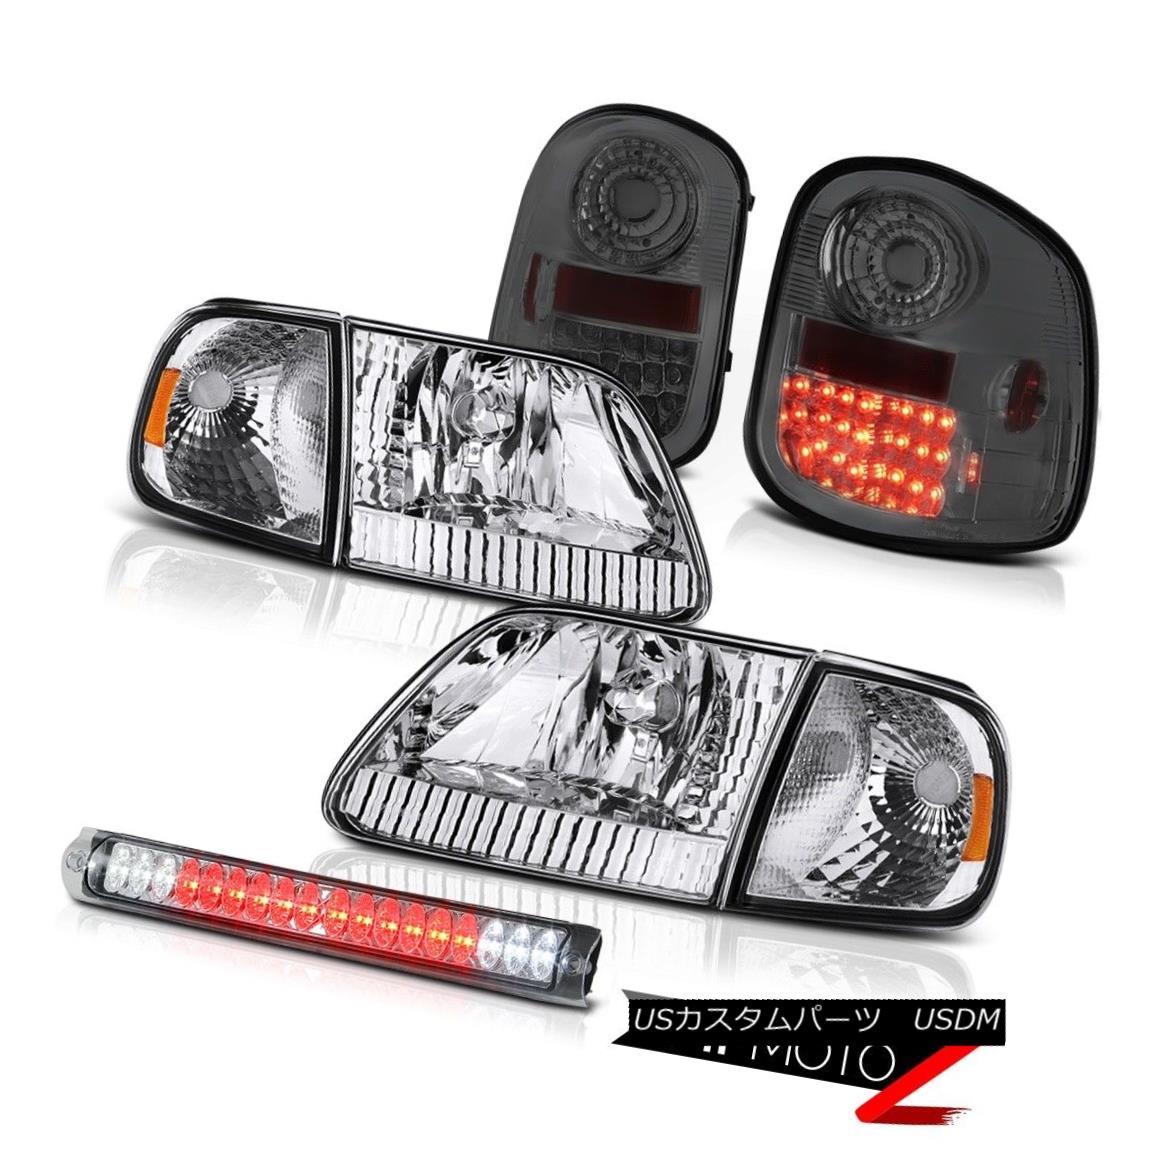 テールライト Parking Headlights Tail Light LED Tinted Roof Stop Clear 97-03 F150 Flareside XL パーキングヘッドライトテールライトLEDチョップドルーフストップクリア97-03 F150 Flareside XL